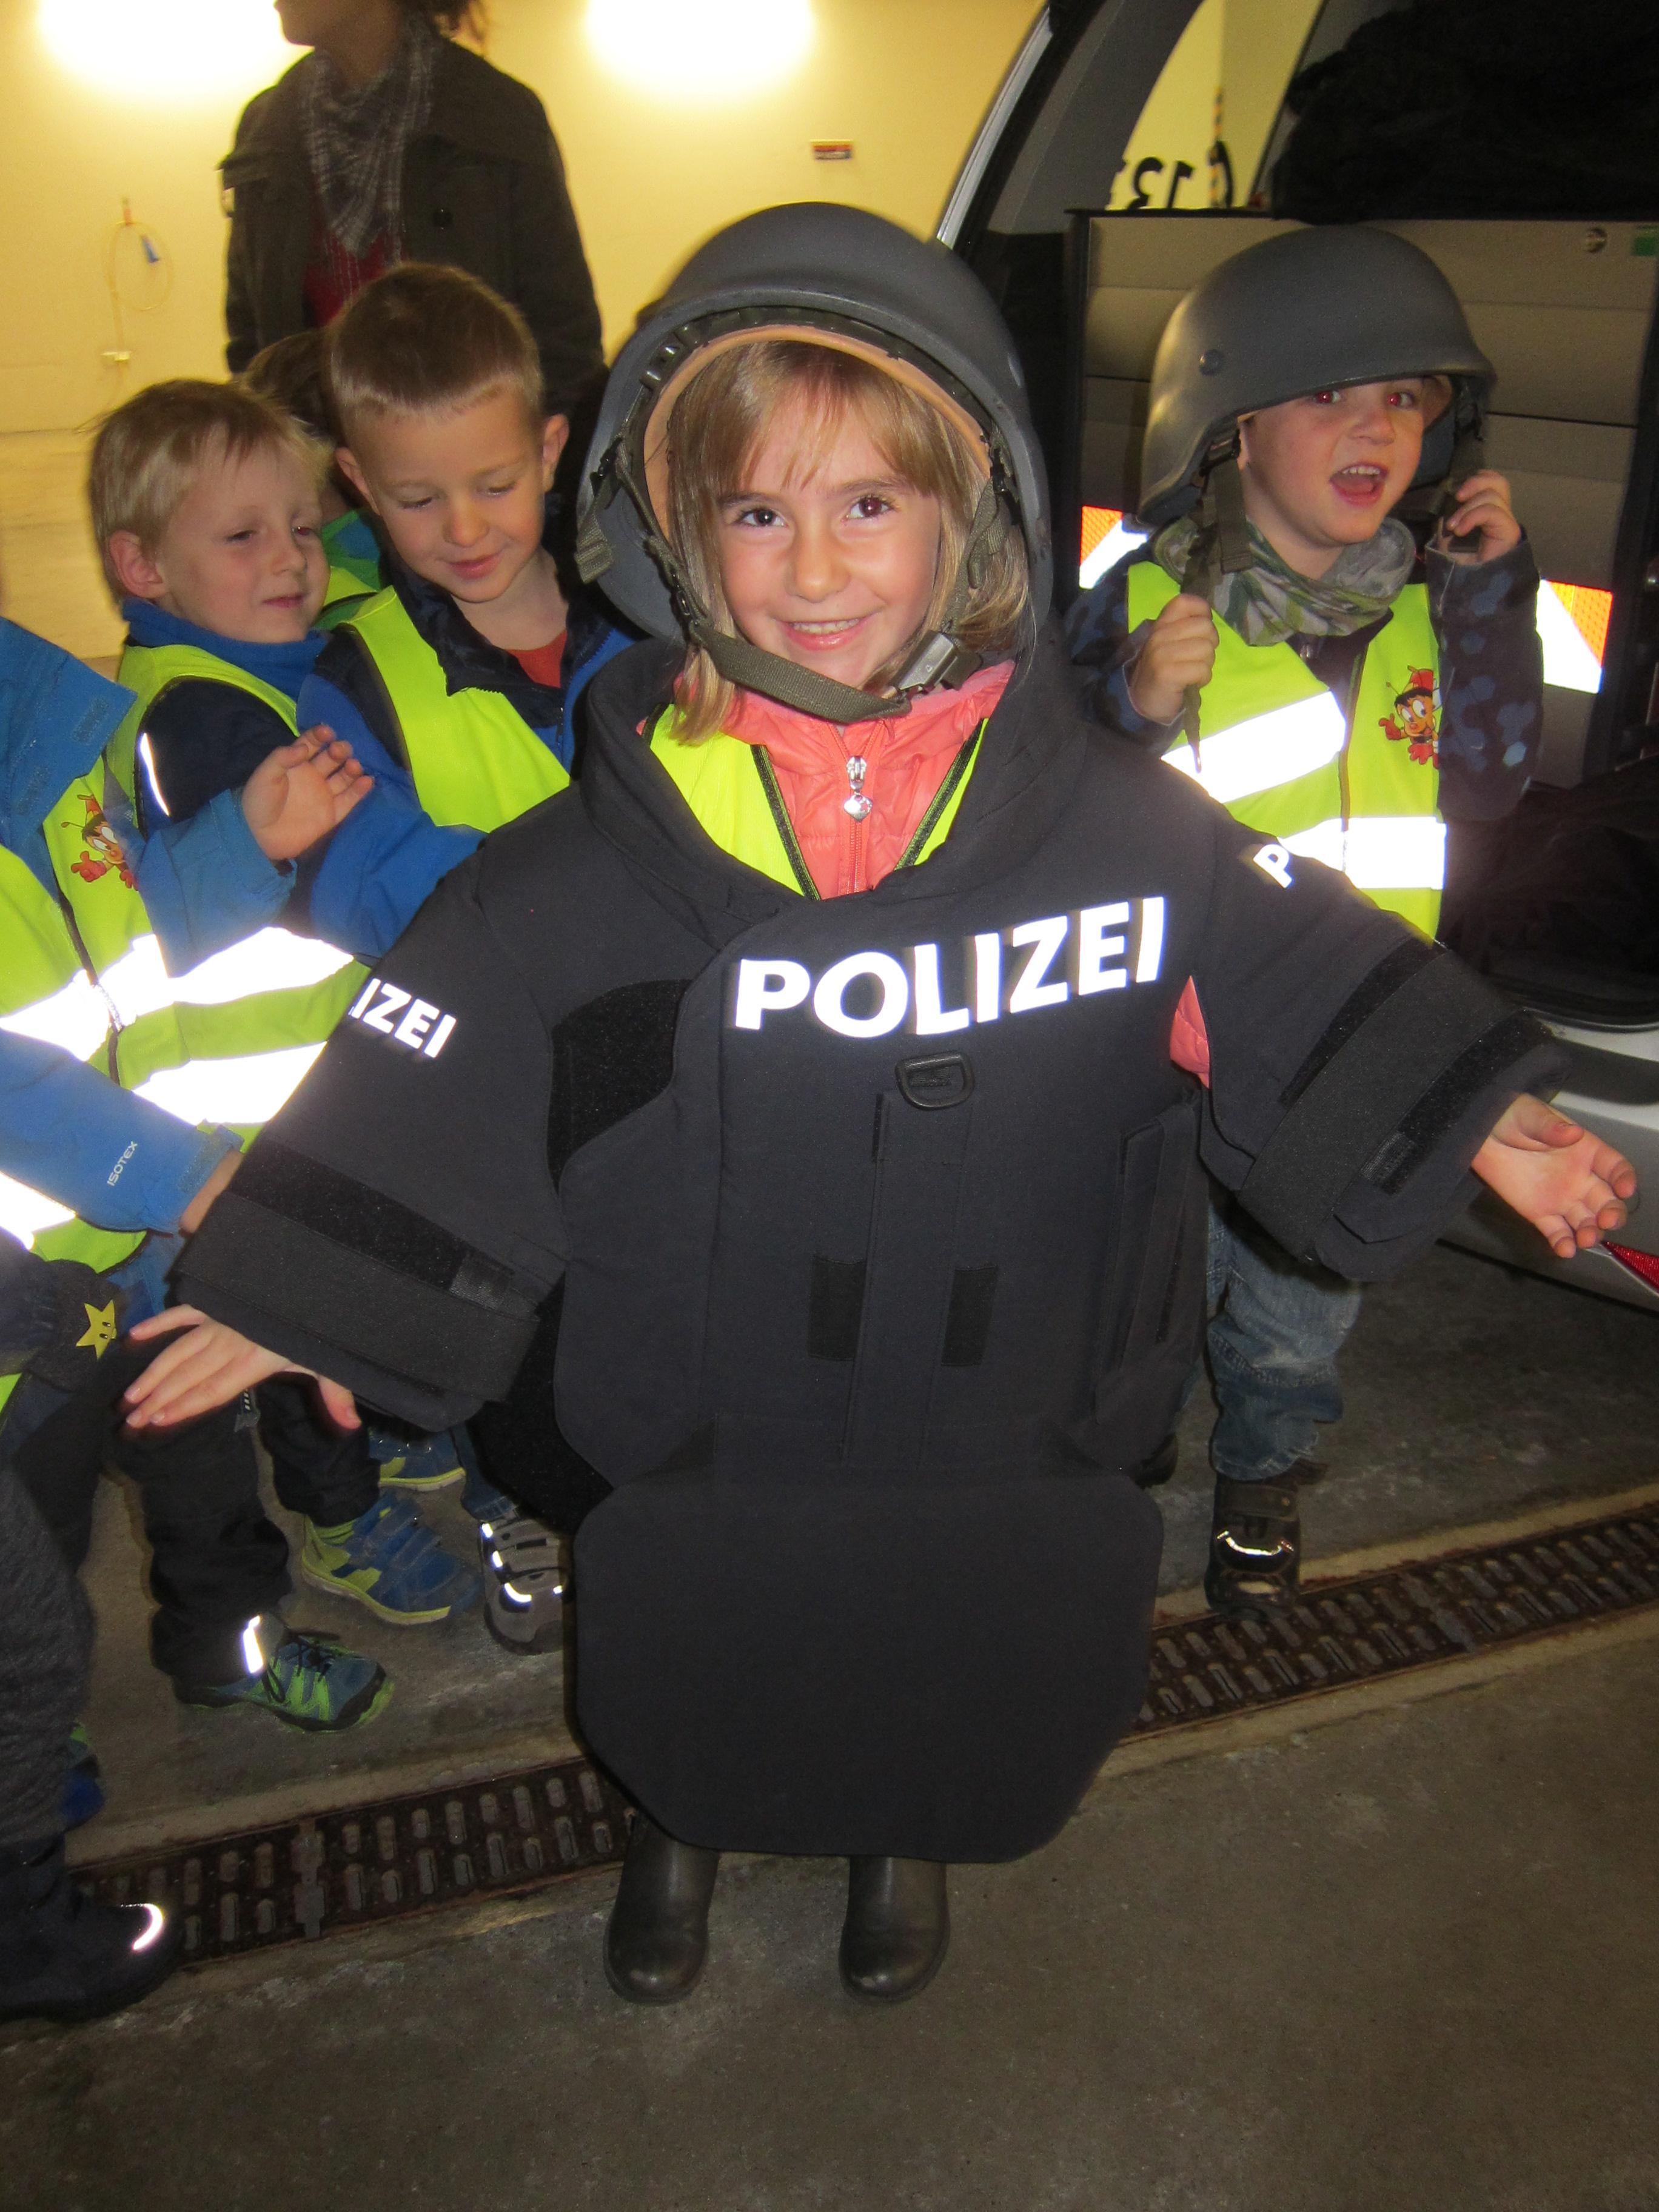 Exkursion Polizei_Okt15 (41).JPG